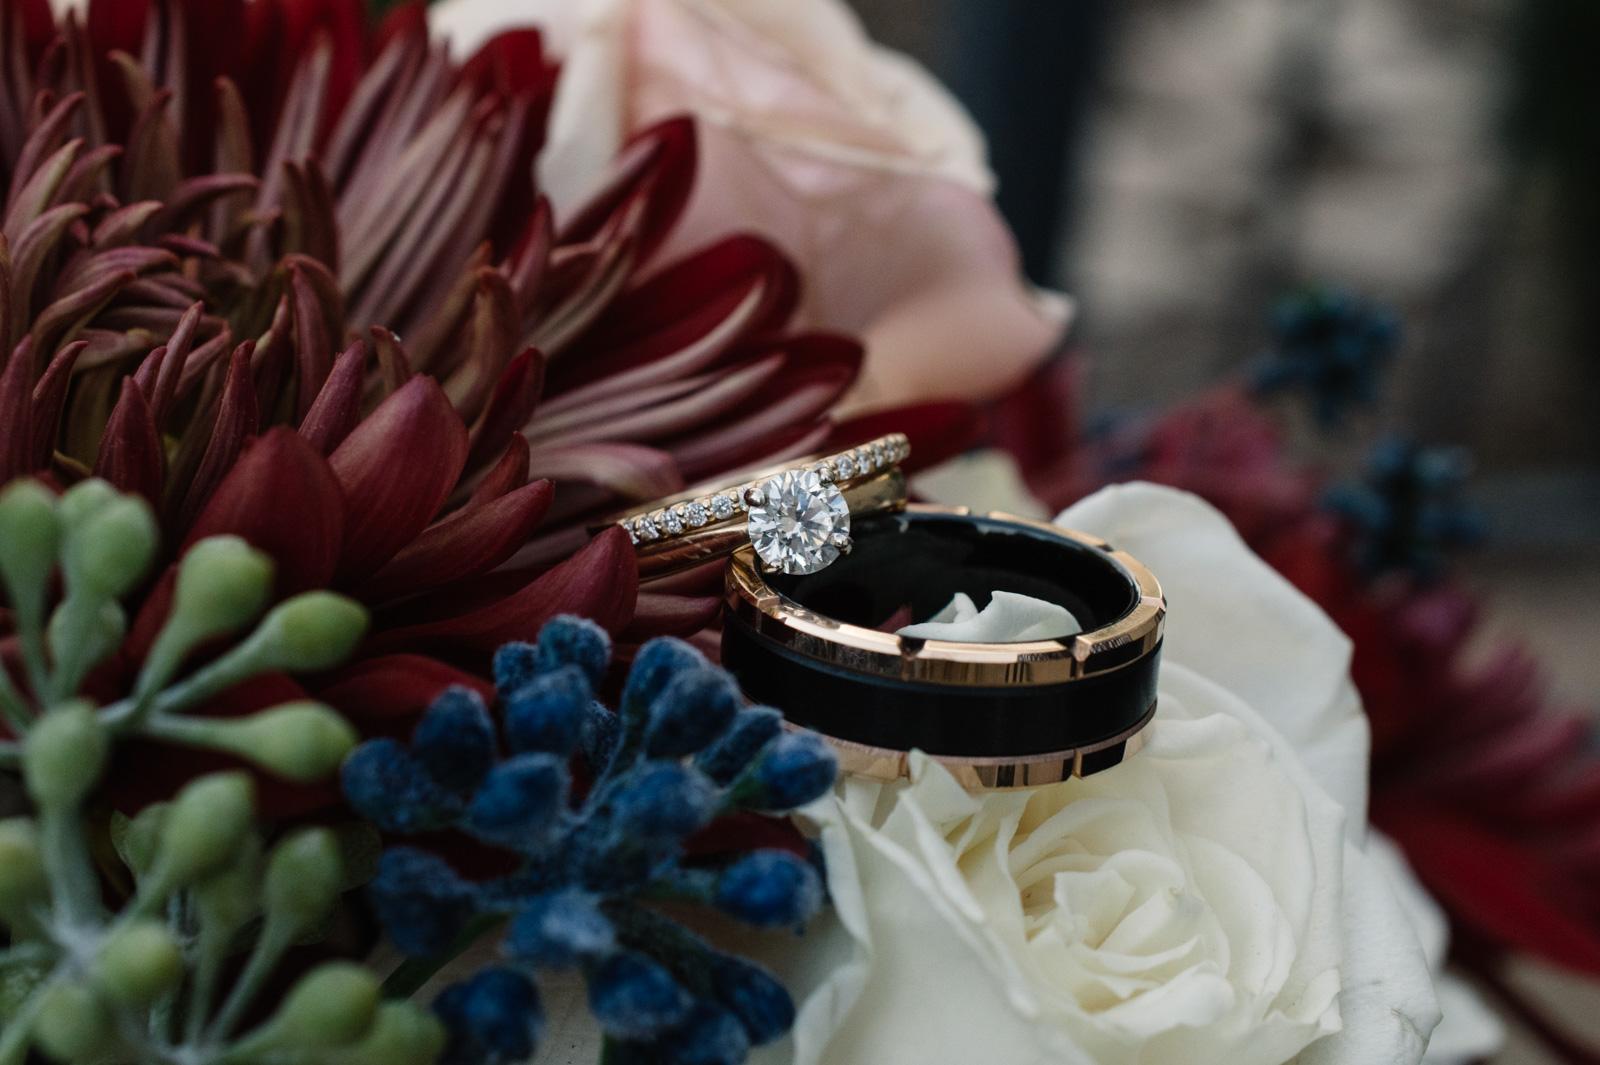 wedding rings in fall wedding bouquet bella sala wedding venue in tiffin iowa